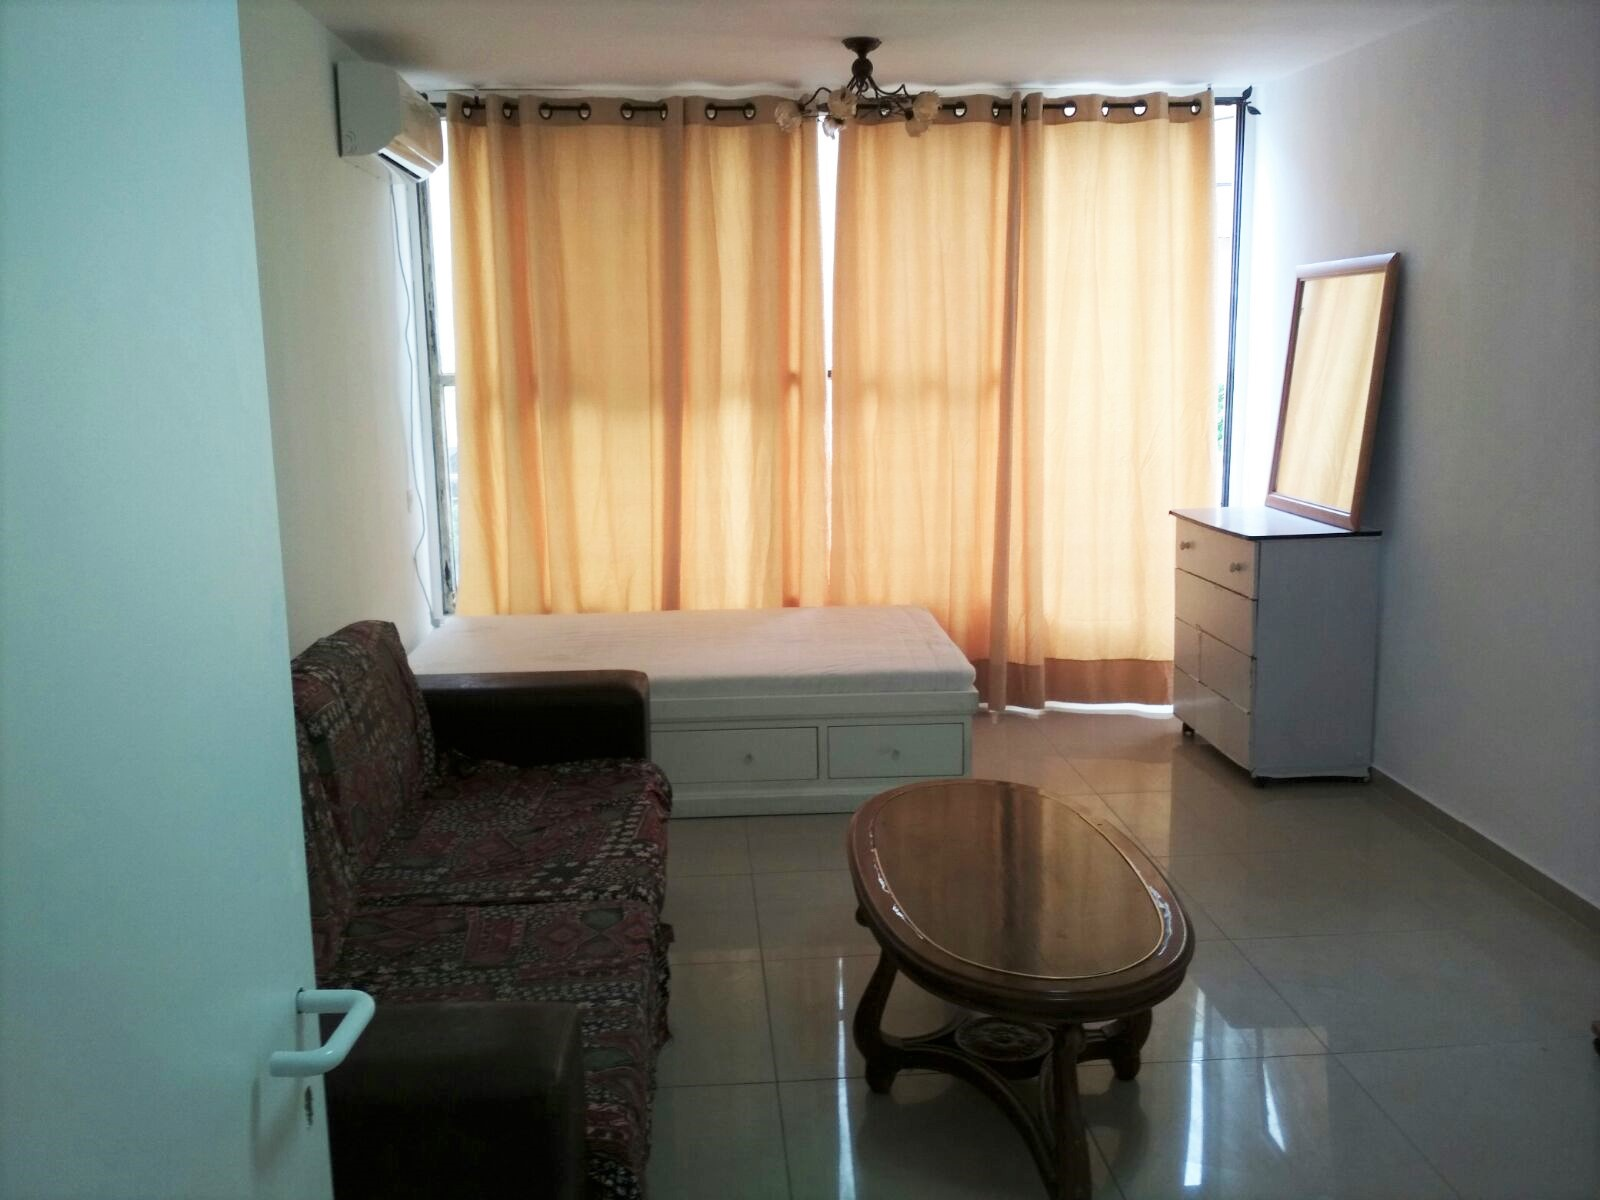 דירה למכירה 4 חדרים 1,600,000₪, בת ים